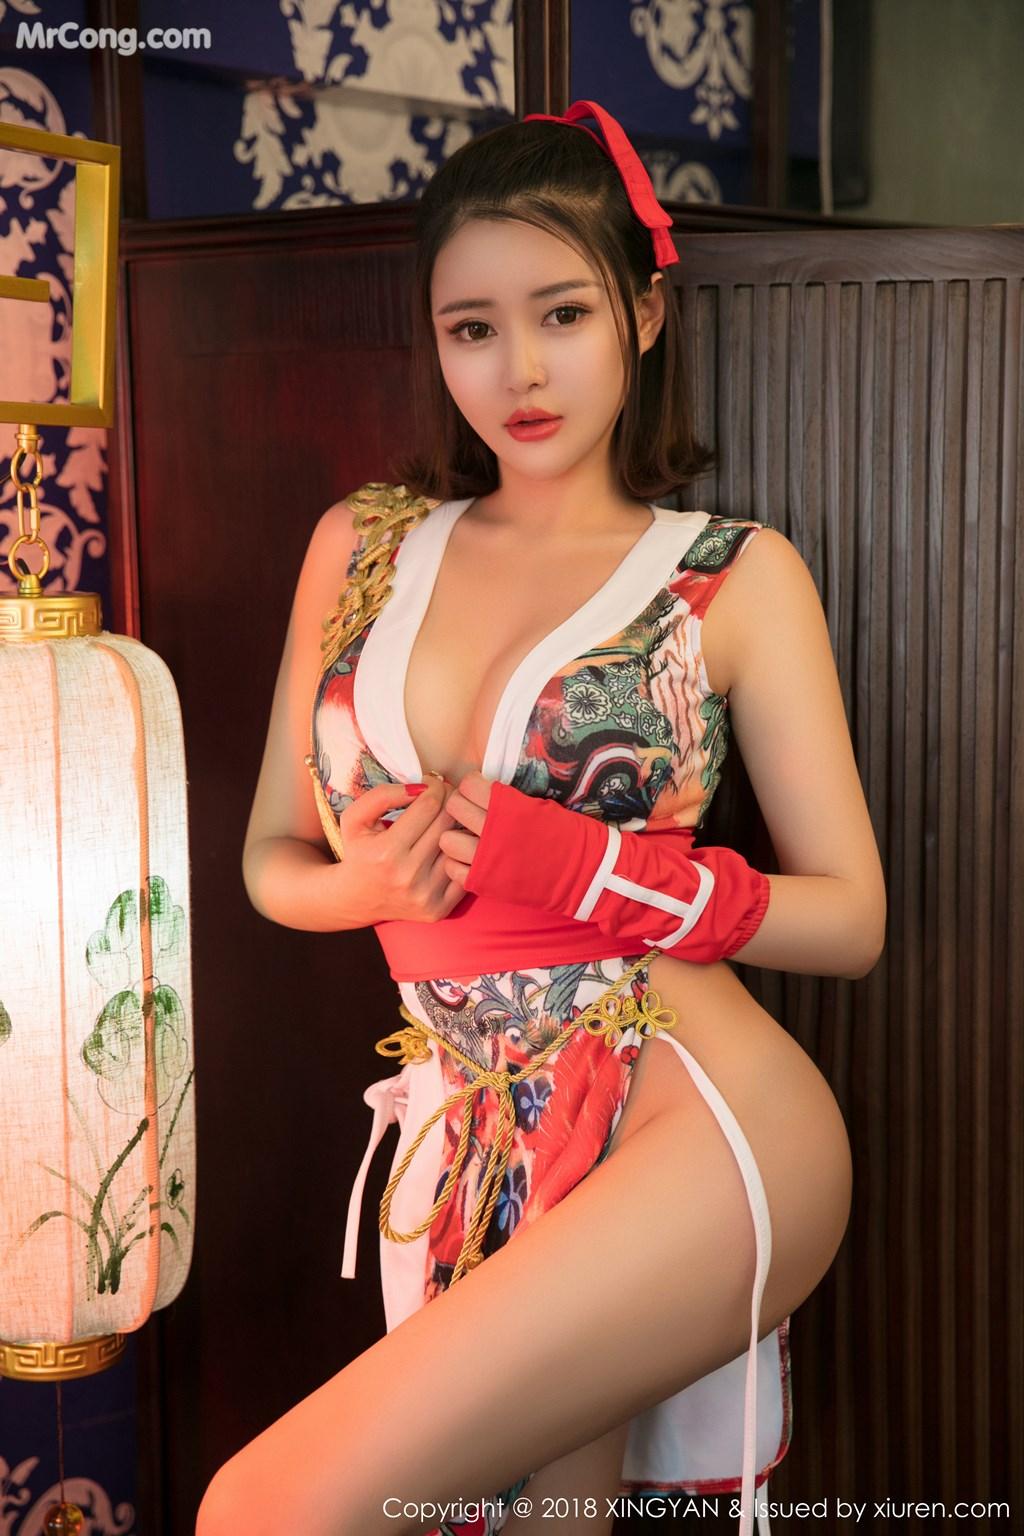 Image XingYan-Vol.028-MrCong.com-014 in post XingYan Vol.028: Người mẫu 廿十 (41 ảnh)